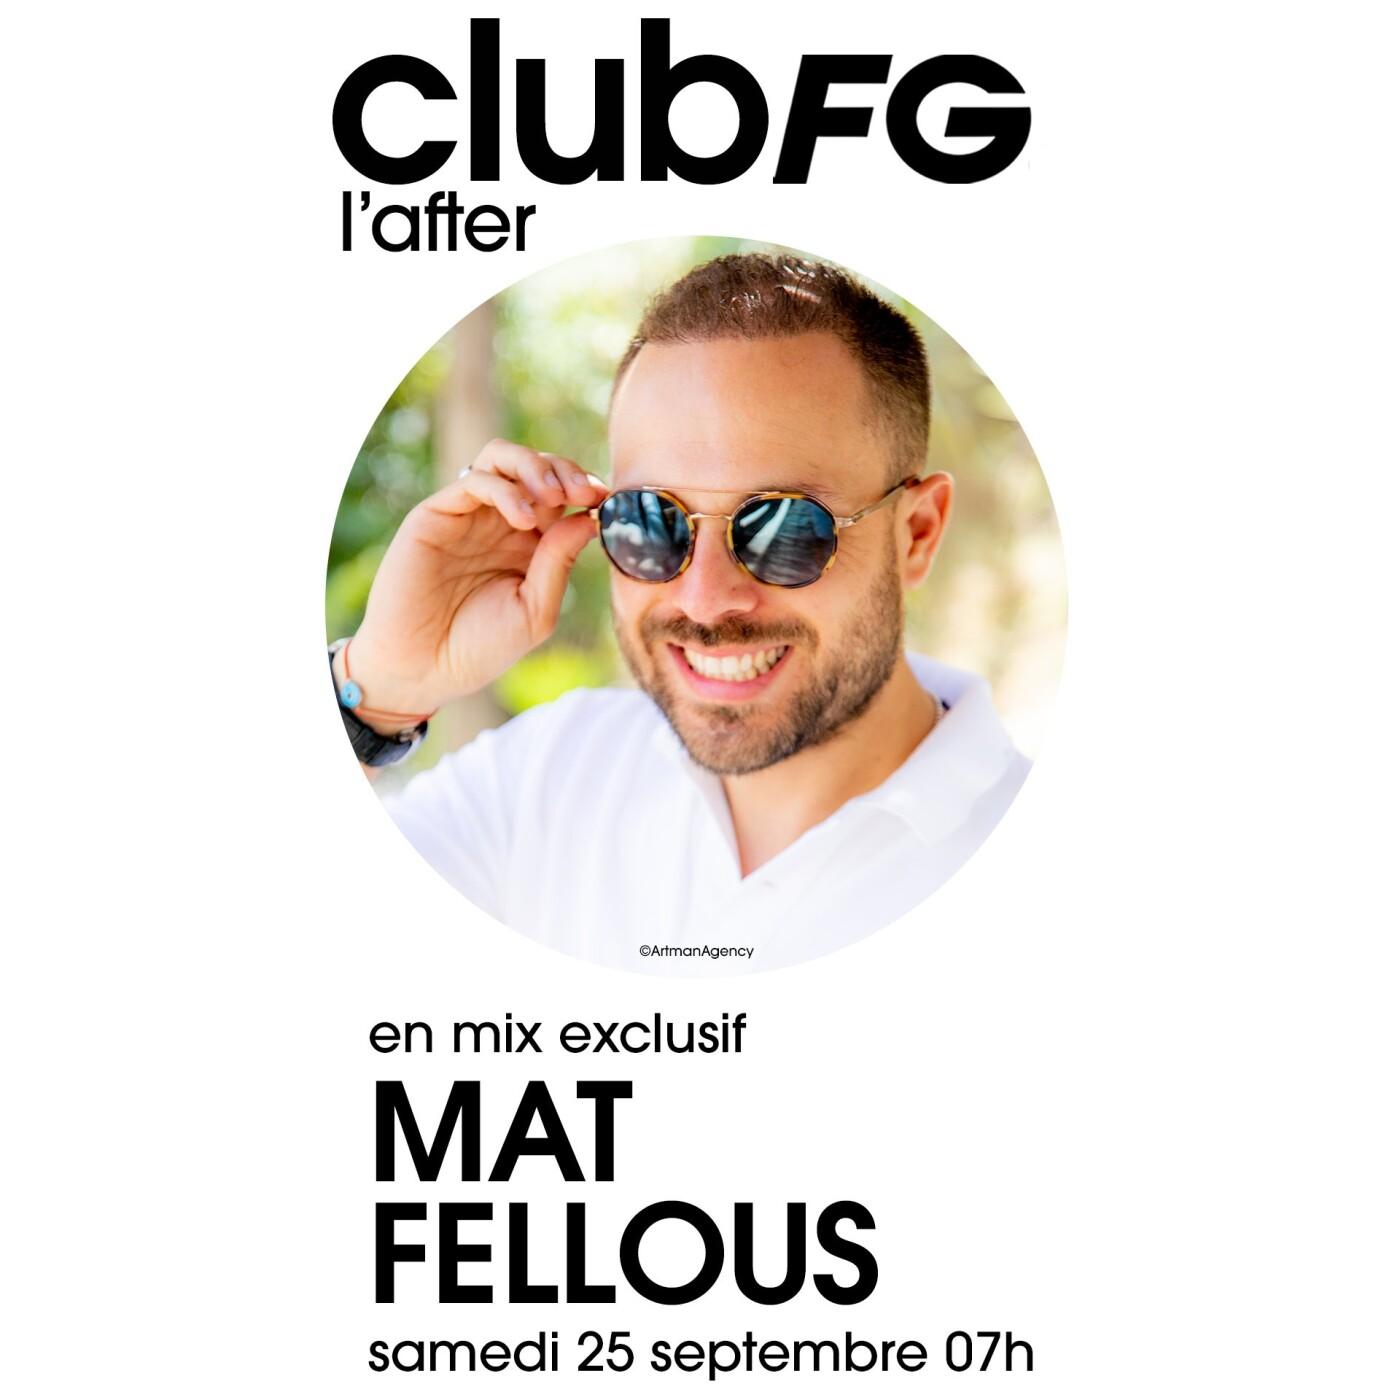 CLUB FG : MAT FELLOUS